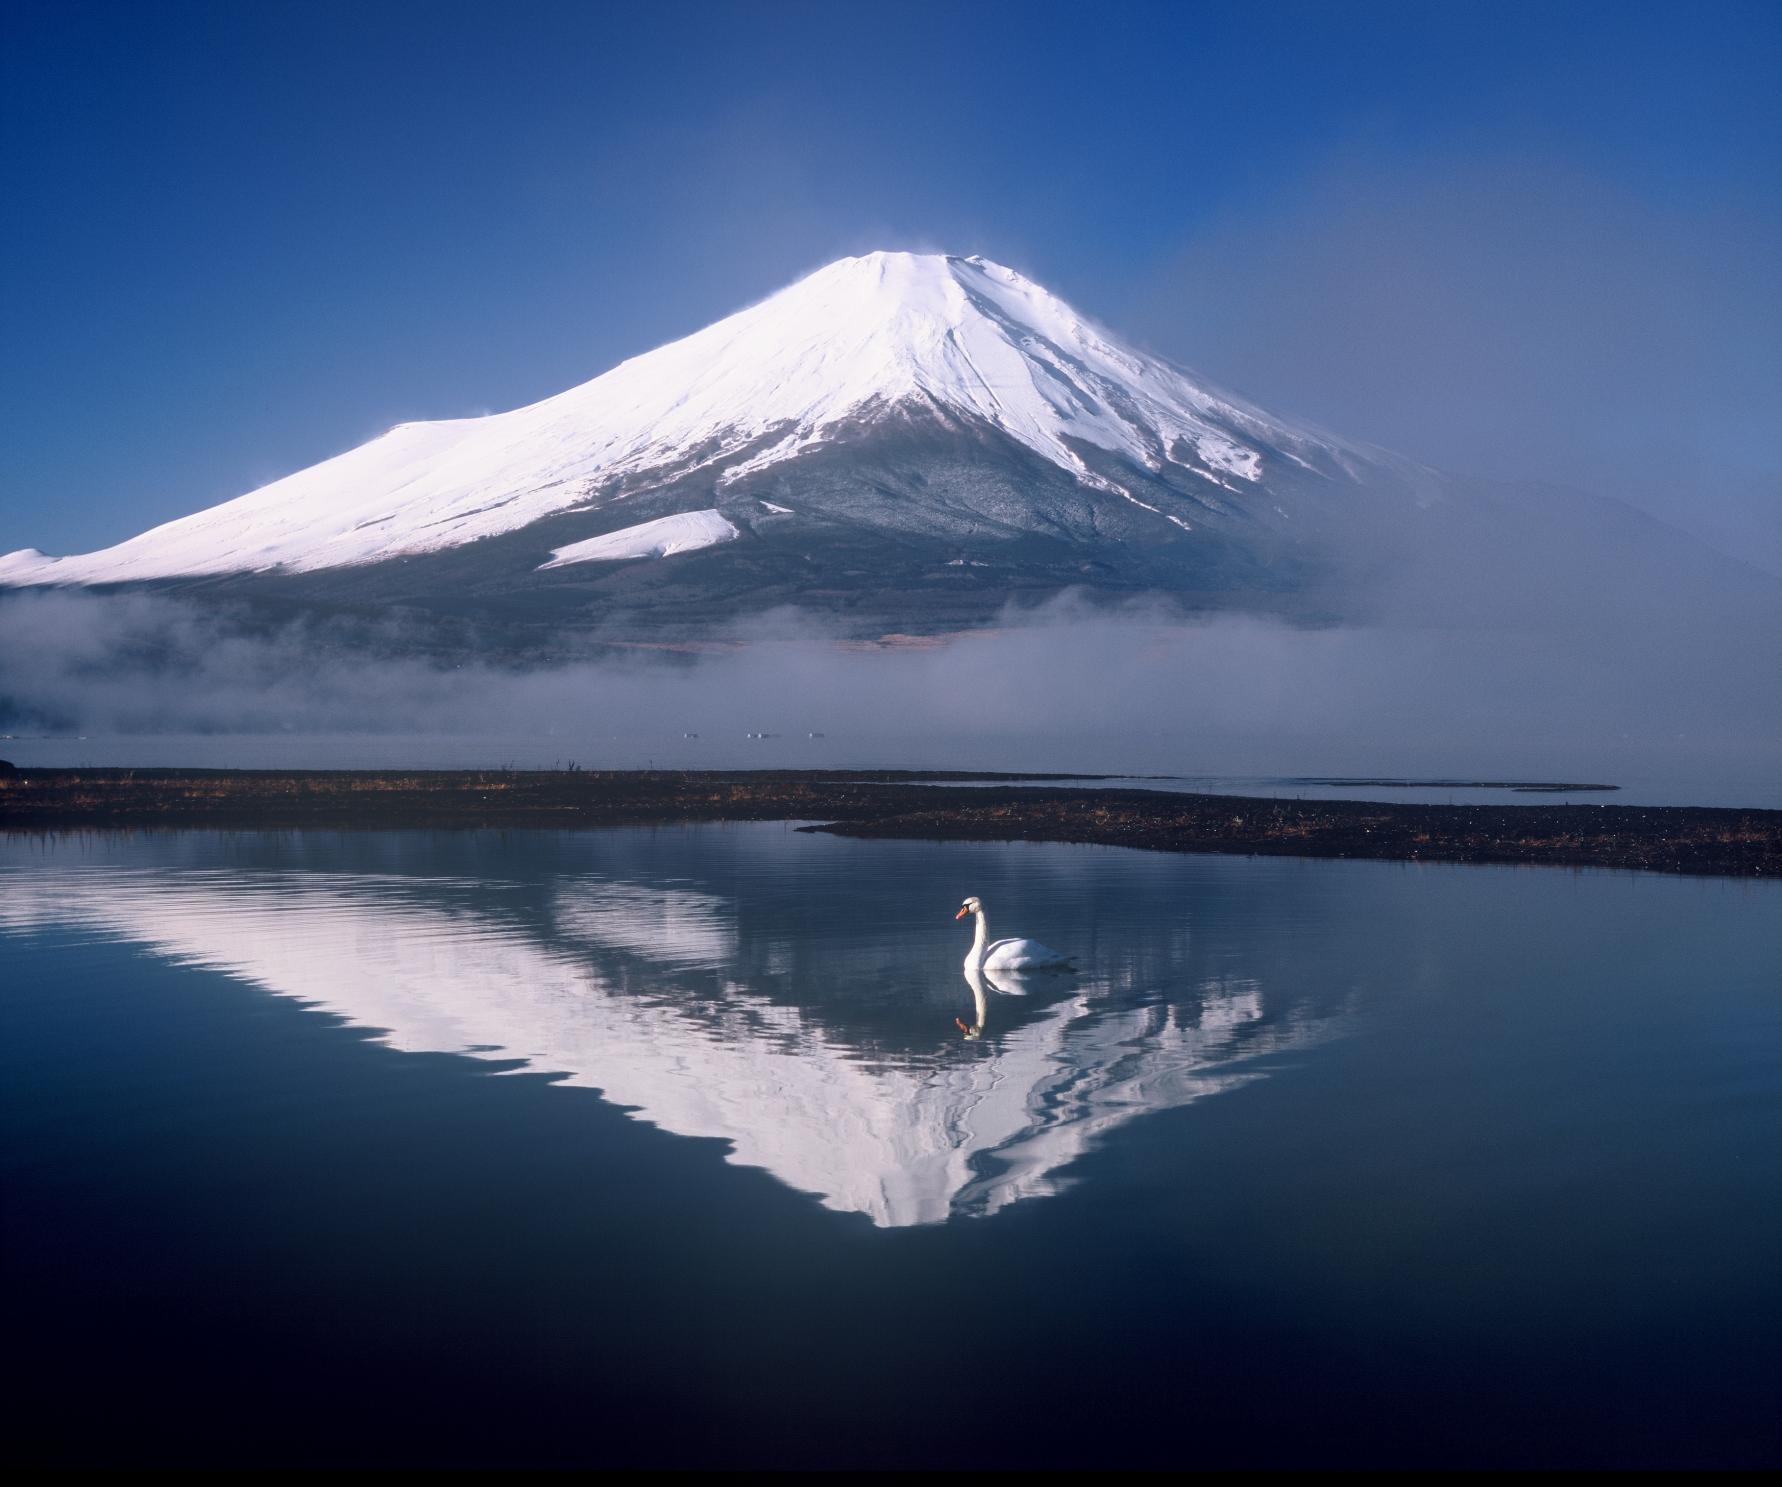 About Lake Yamanakako Area